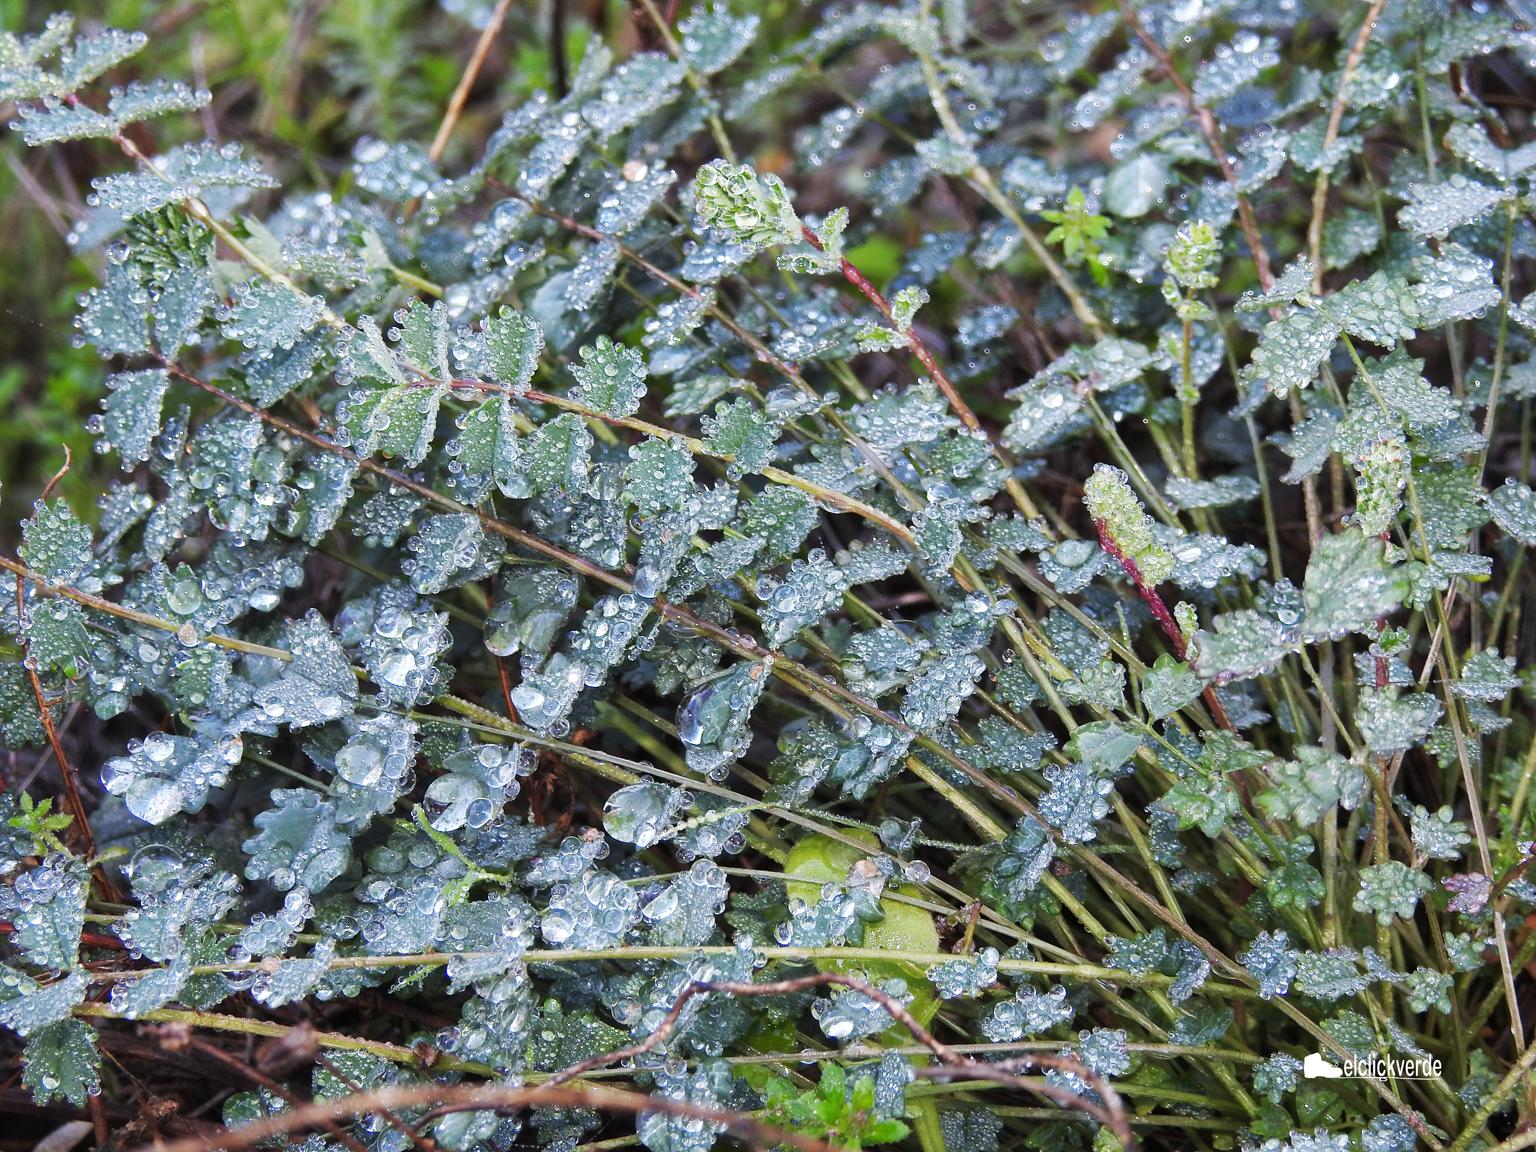 Es magnético mirar las gotas de rocío sobre la vegetación. Imagen: elclickverde